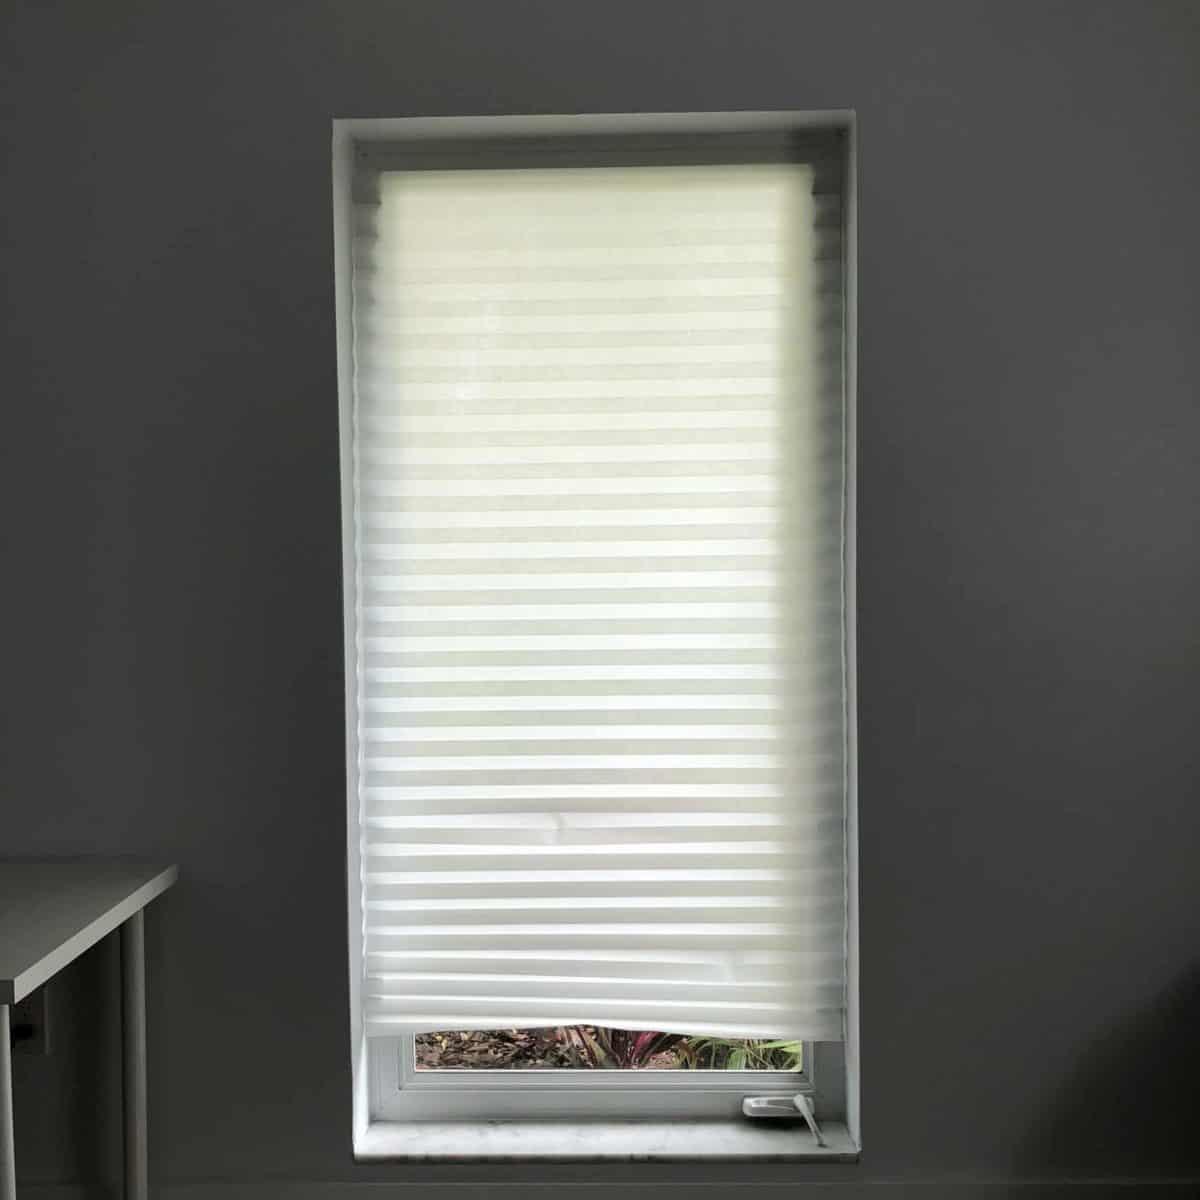 IKEA shade/window curtain